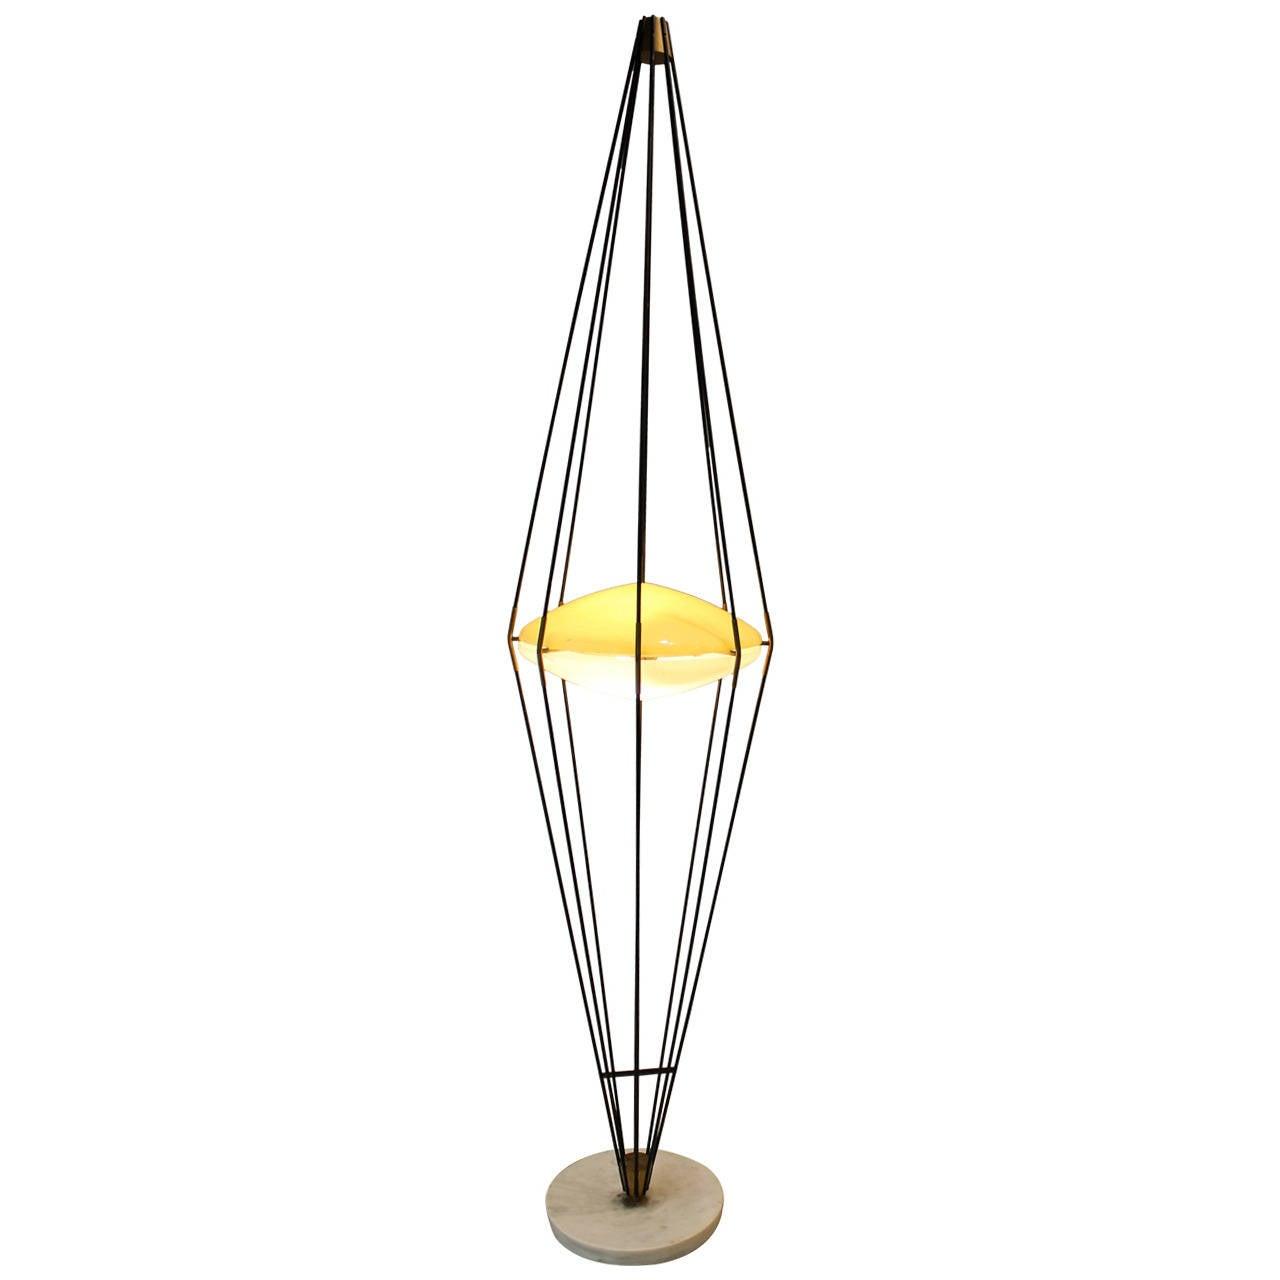 Arredoluce standing lamp at 1stdibs for Arredo luce